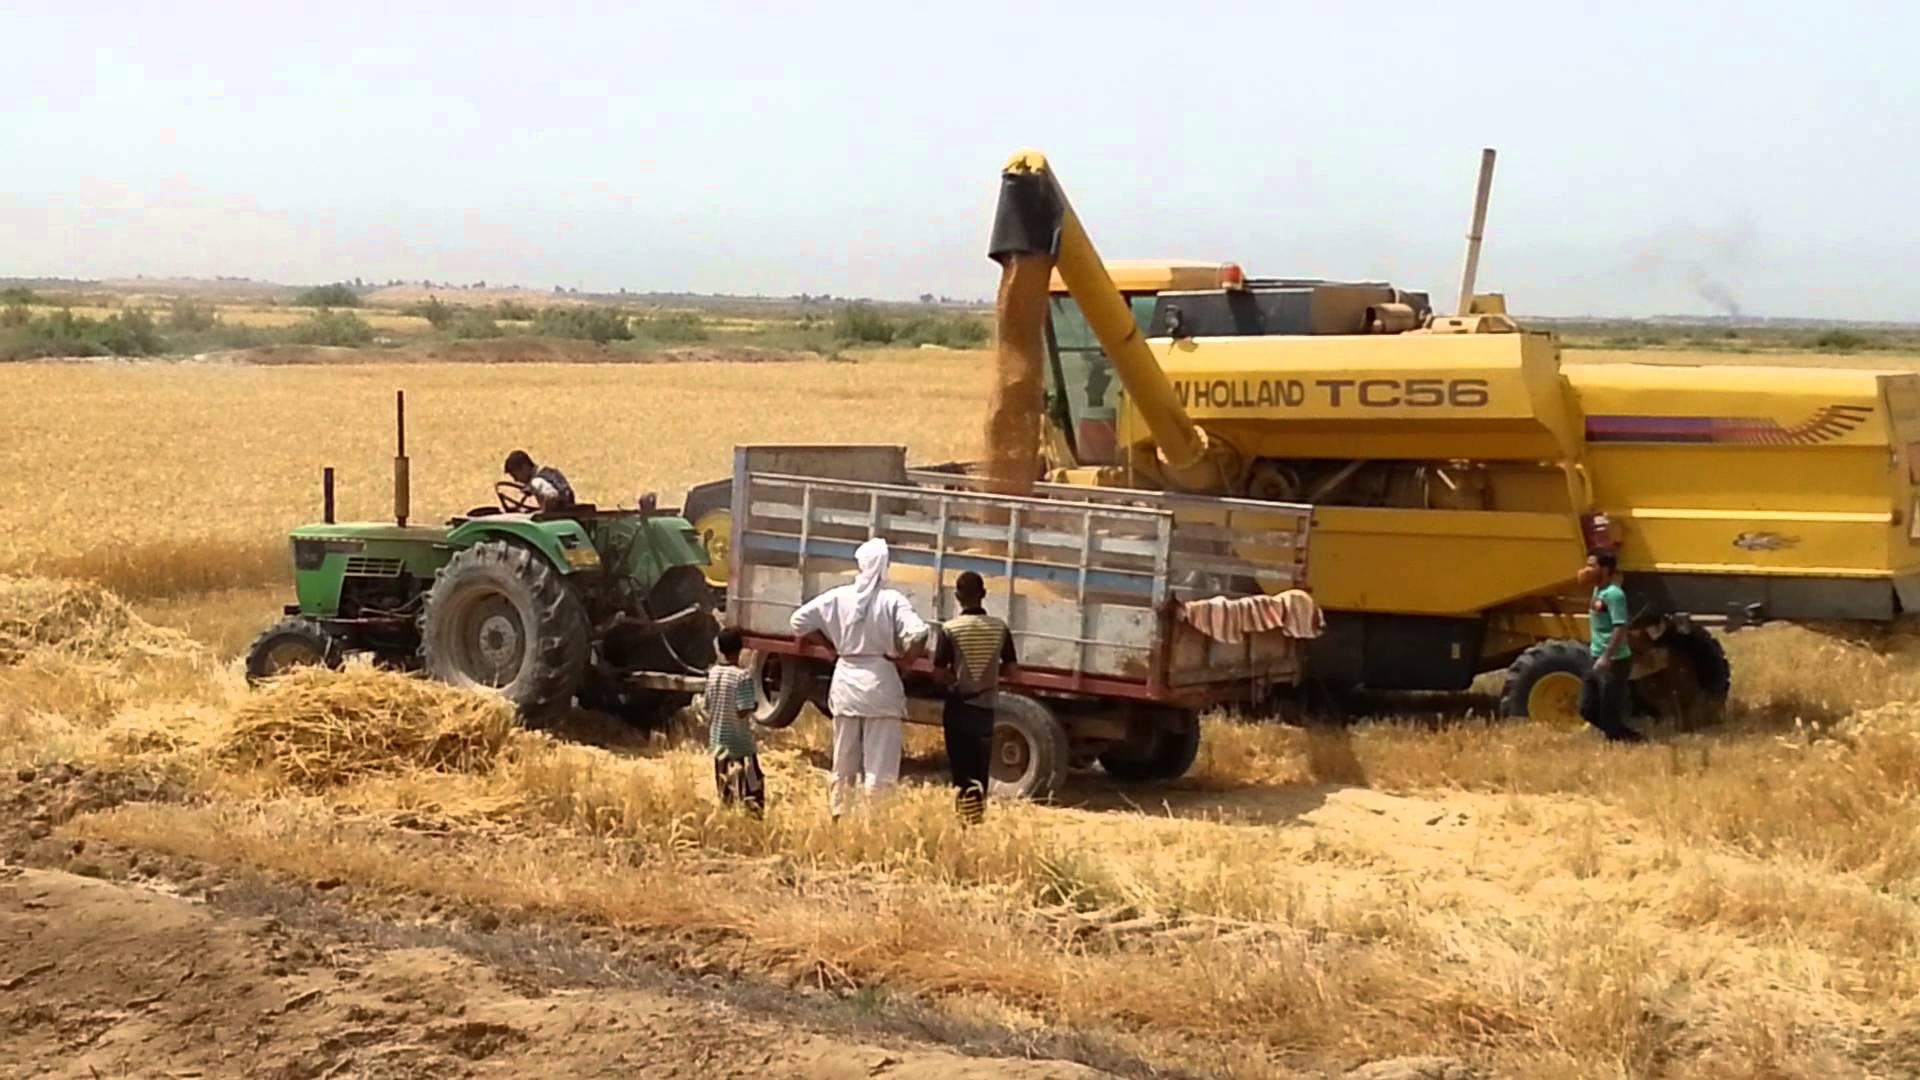 العراق يعلن تسويق أكثر من 100 الف طن من الرز المحلي